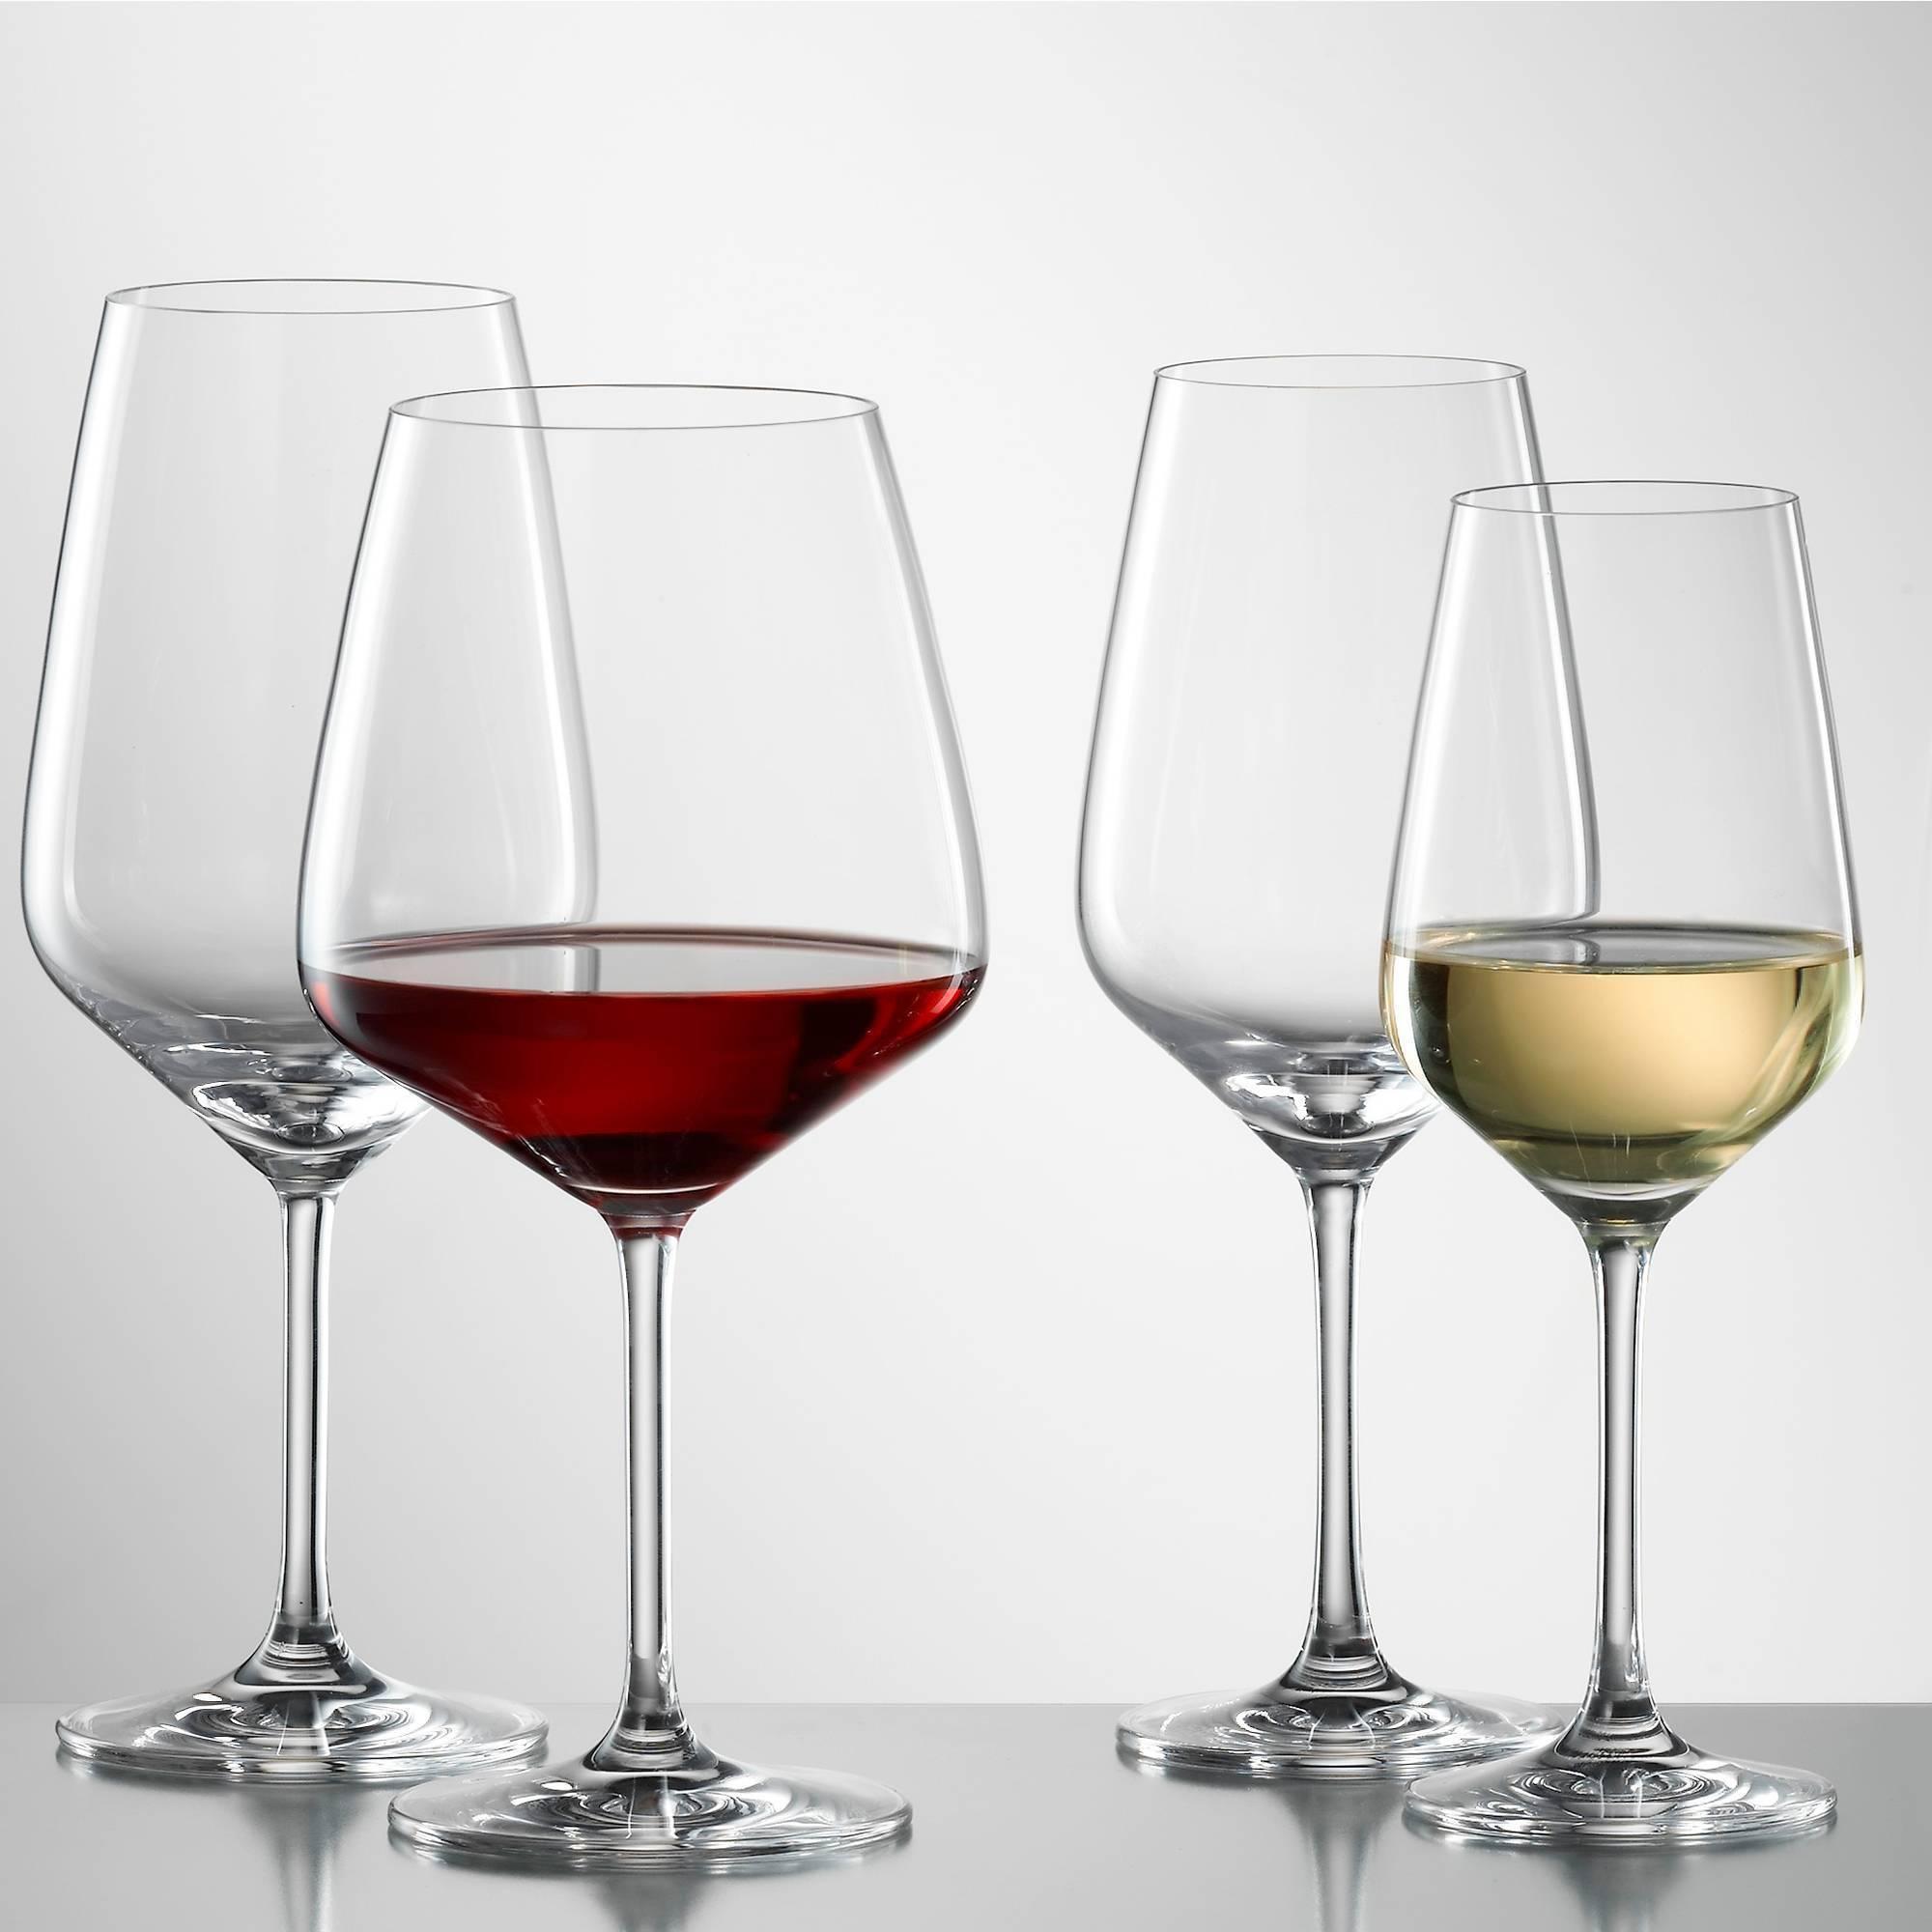 Как выбрать бокалы для пива: виды для разных сортов и обзор моделей